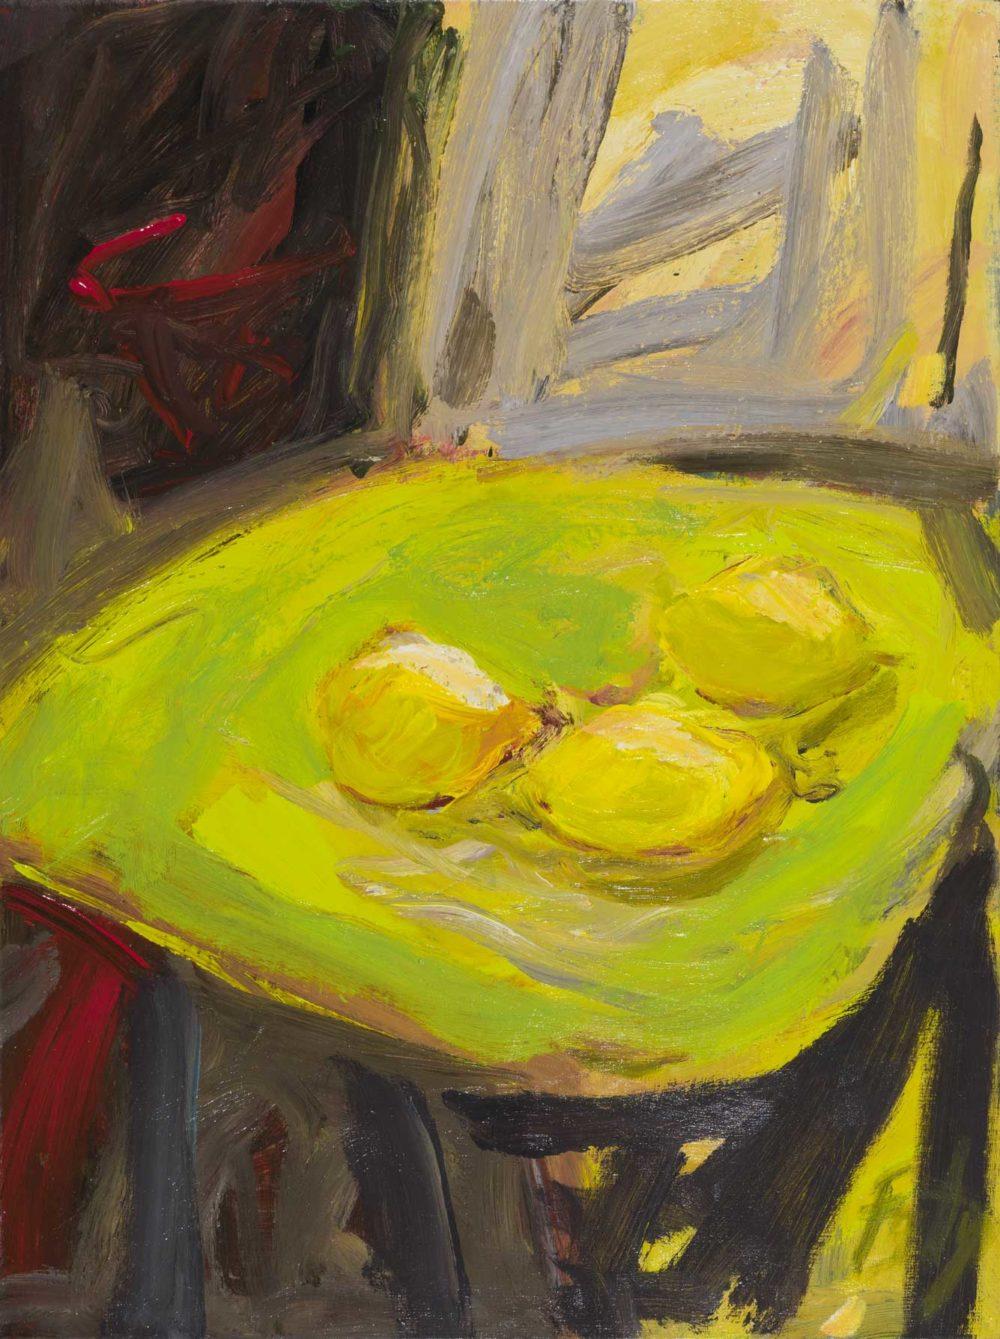 Jaune sur jaune